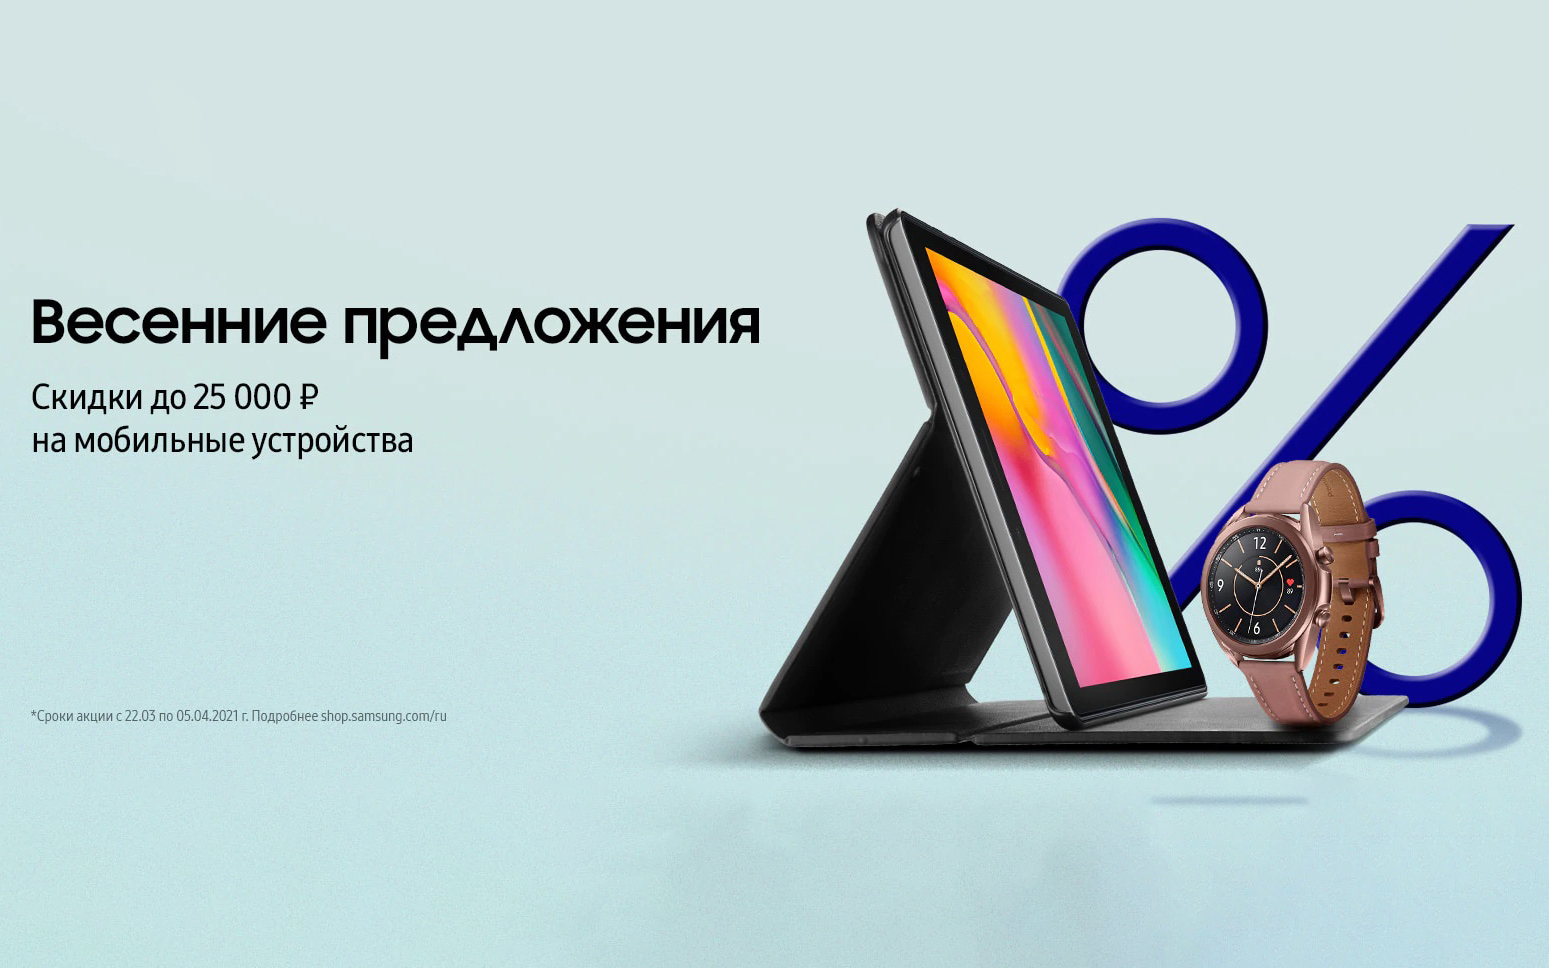 В России более дорогой Samsung Galaxy S20+ продаётся дешевле базового Galaxy S20